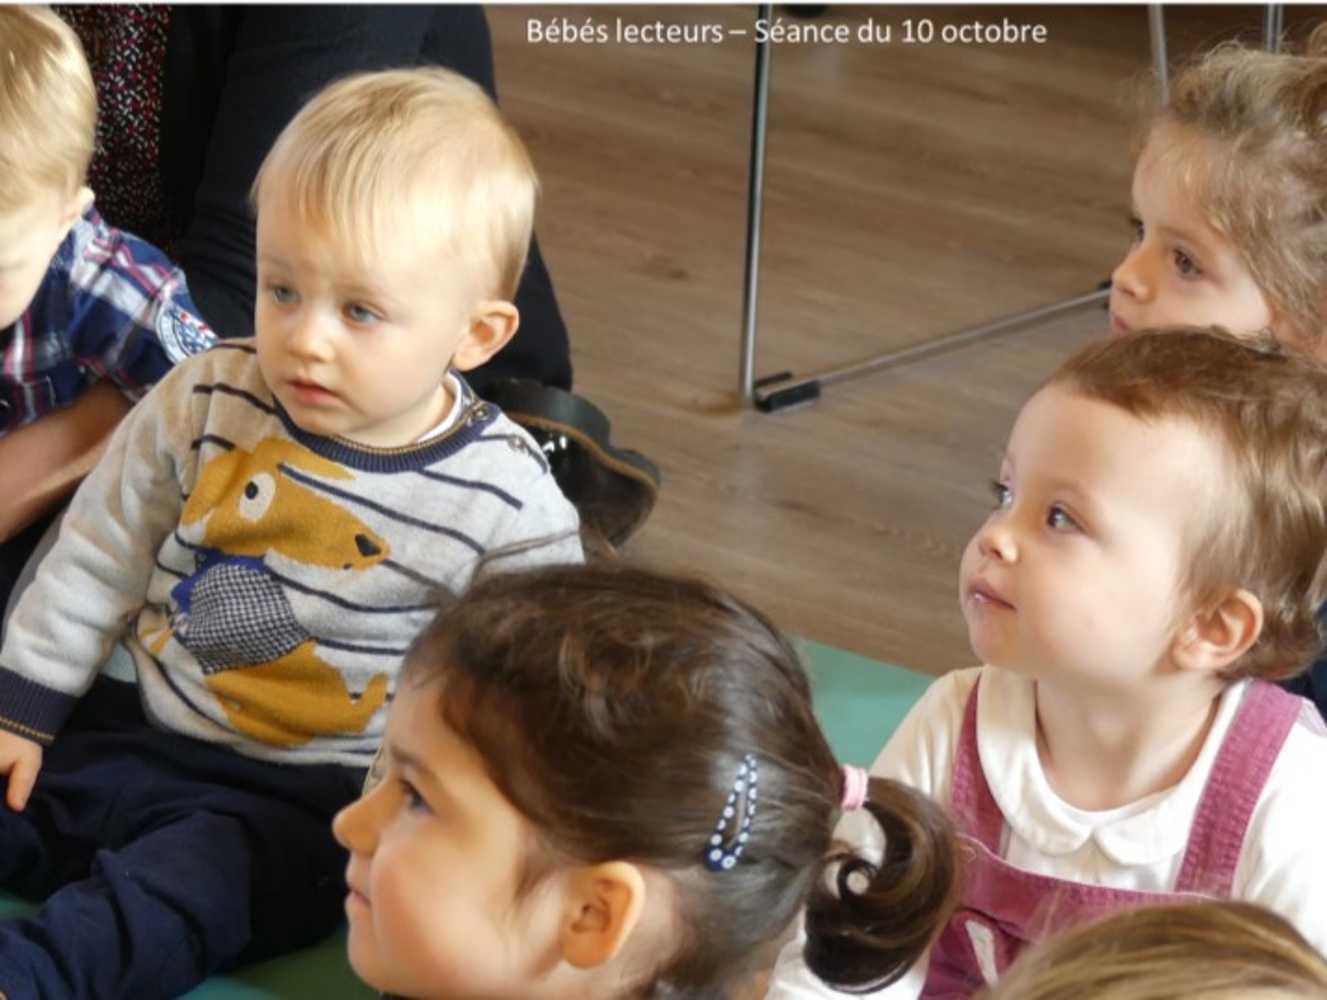 Bébés lecteurs : photos de la séance du jeudi 10 octobre image3